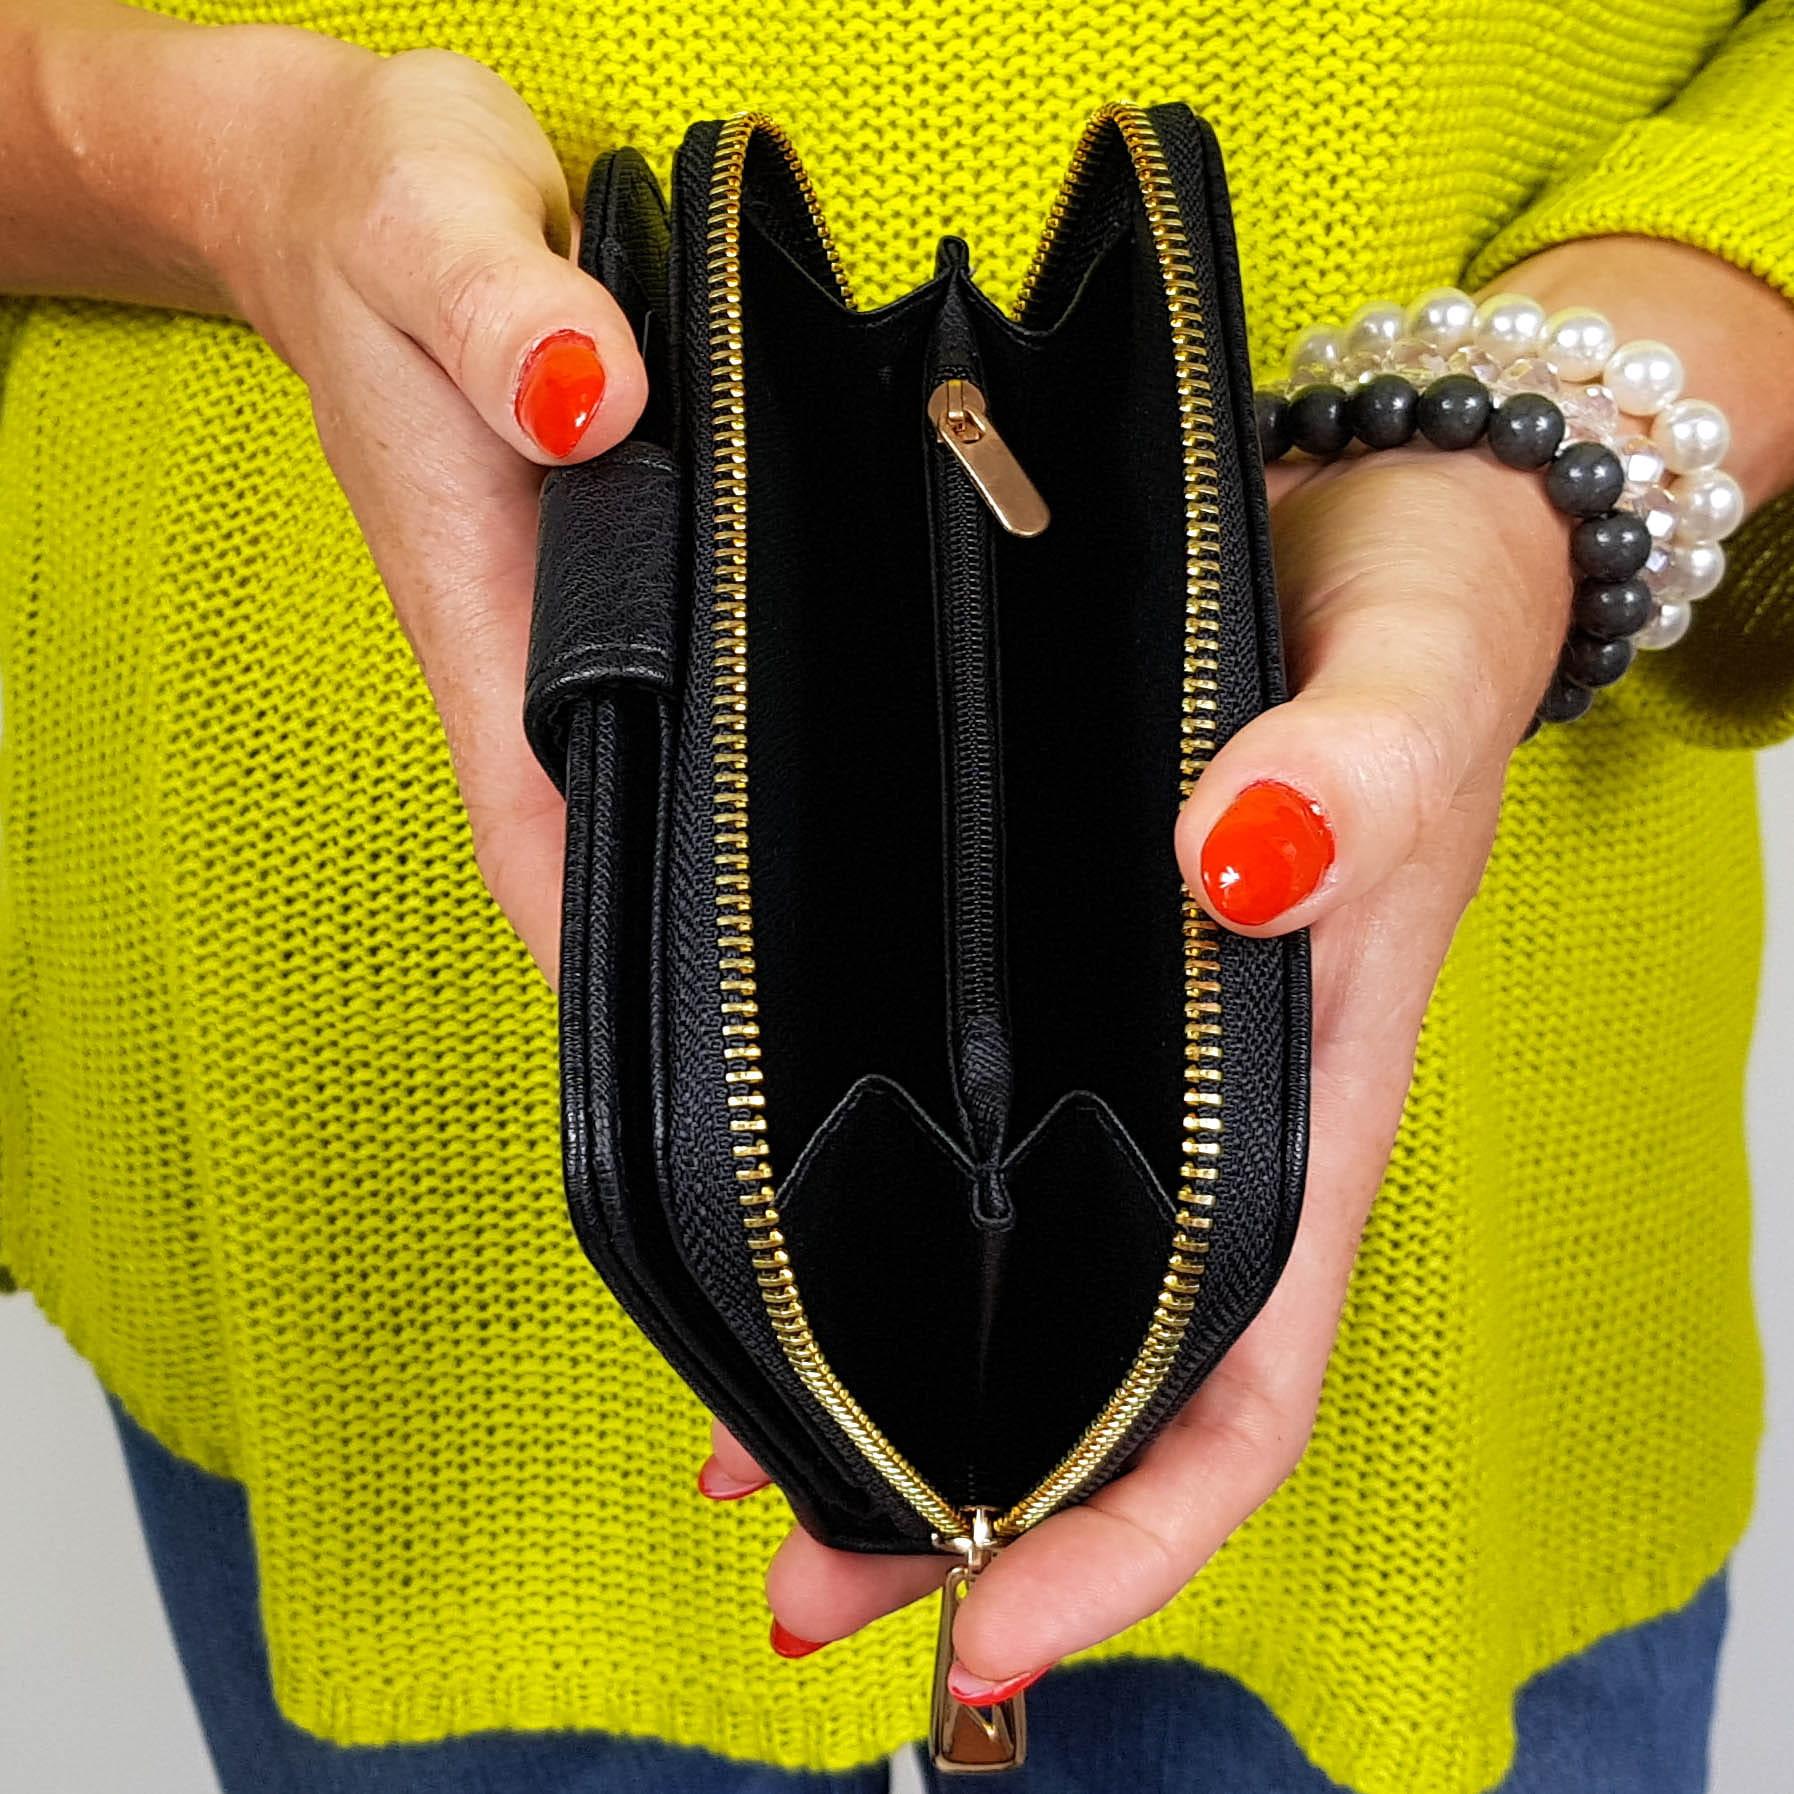 49f0936a74c5a Czerwony ażurowy portfel damski podwójny 16807 Centrum Modnych Torebek